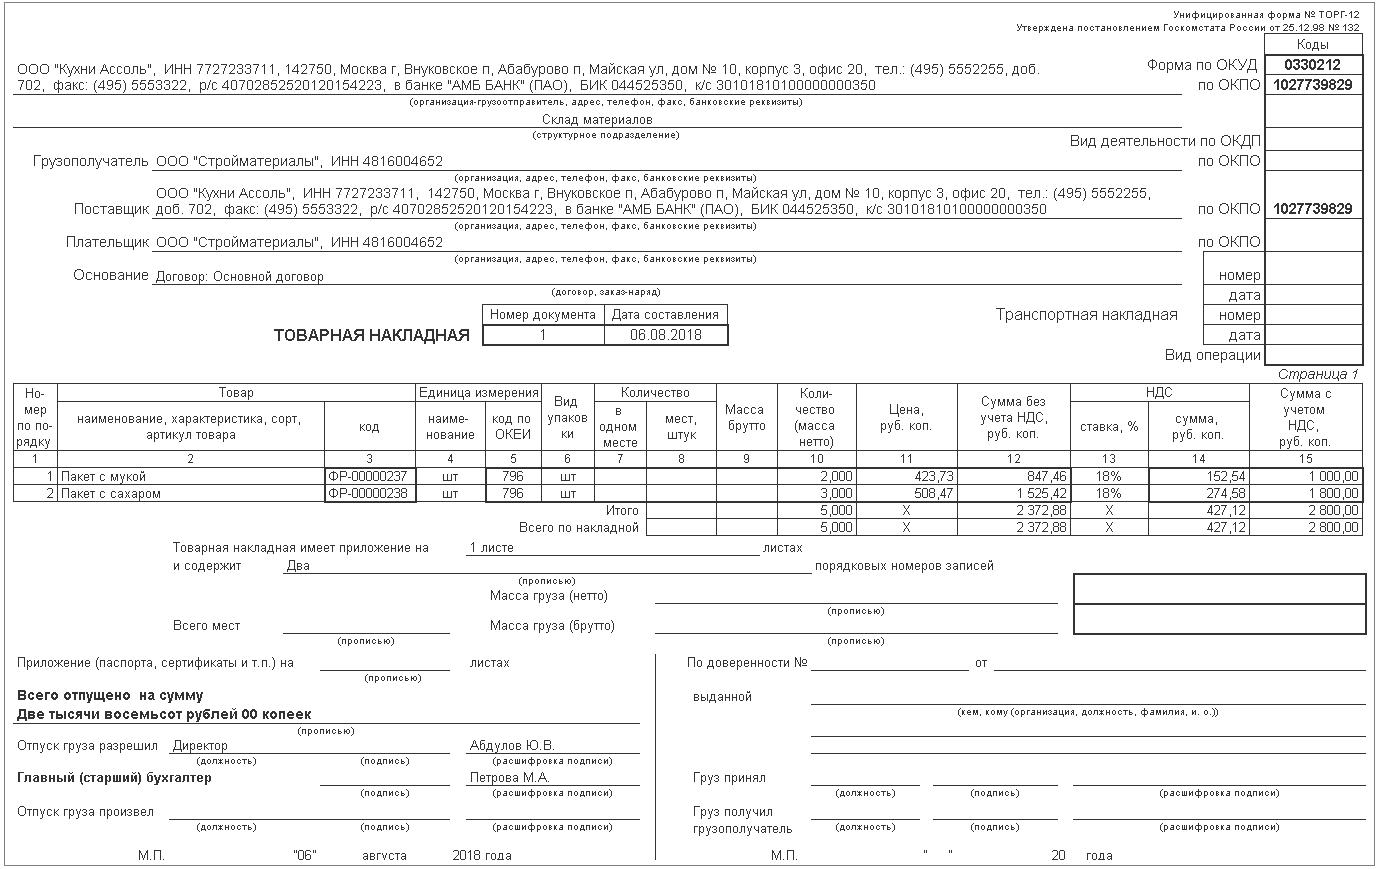 ТОРГ-12 для документа Расходная накладная в 1С УНФ 1.6 (С услугами) (Внешняя печатная форма)